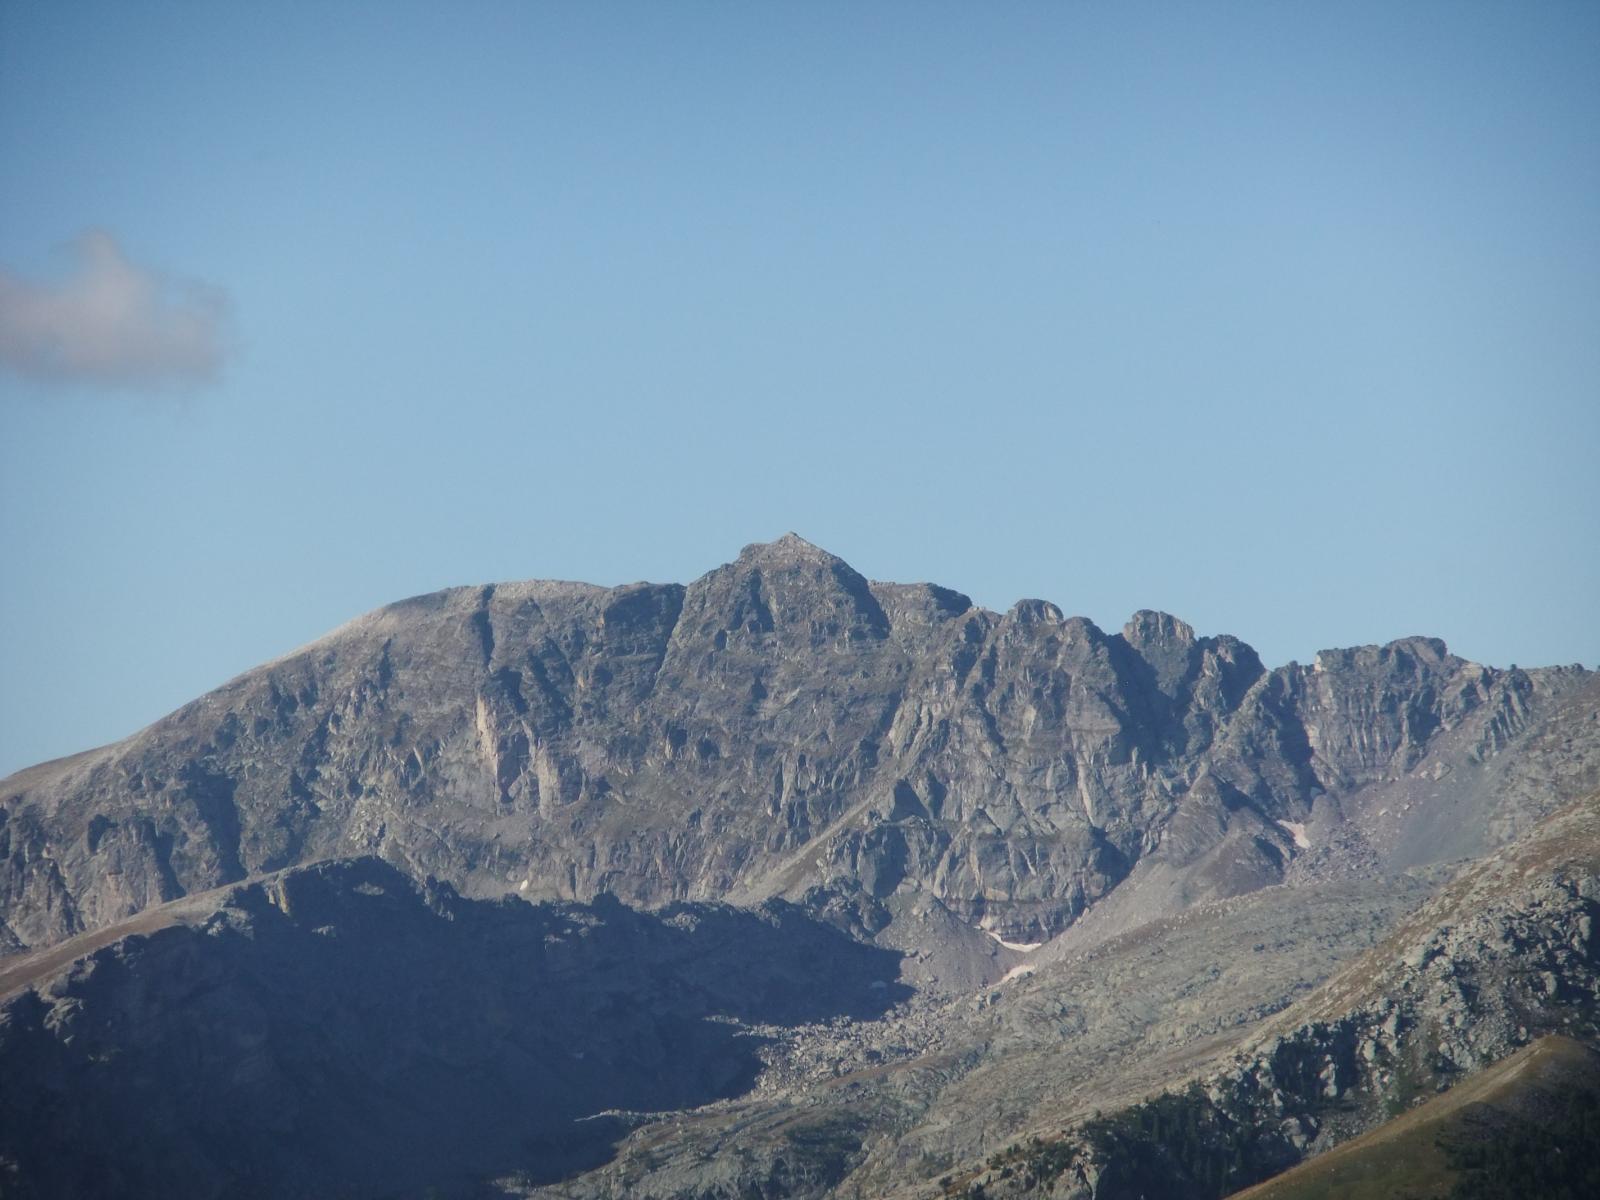 Monte Bego